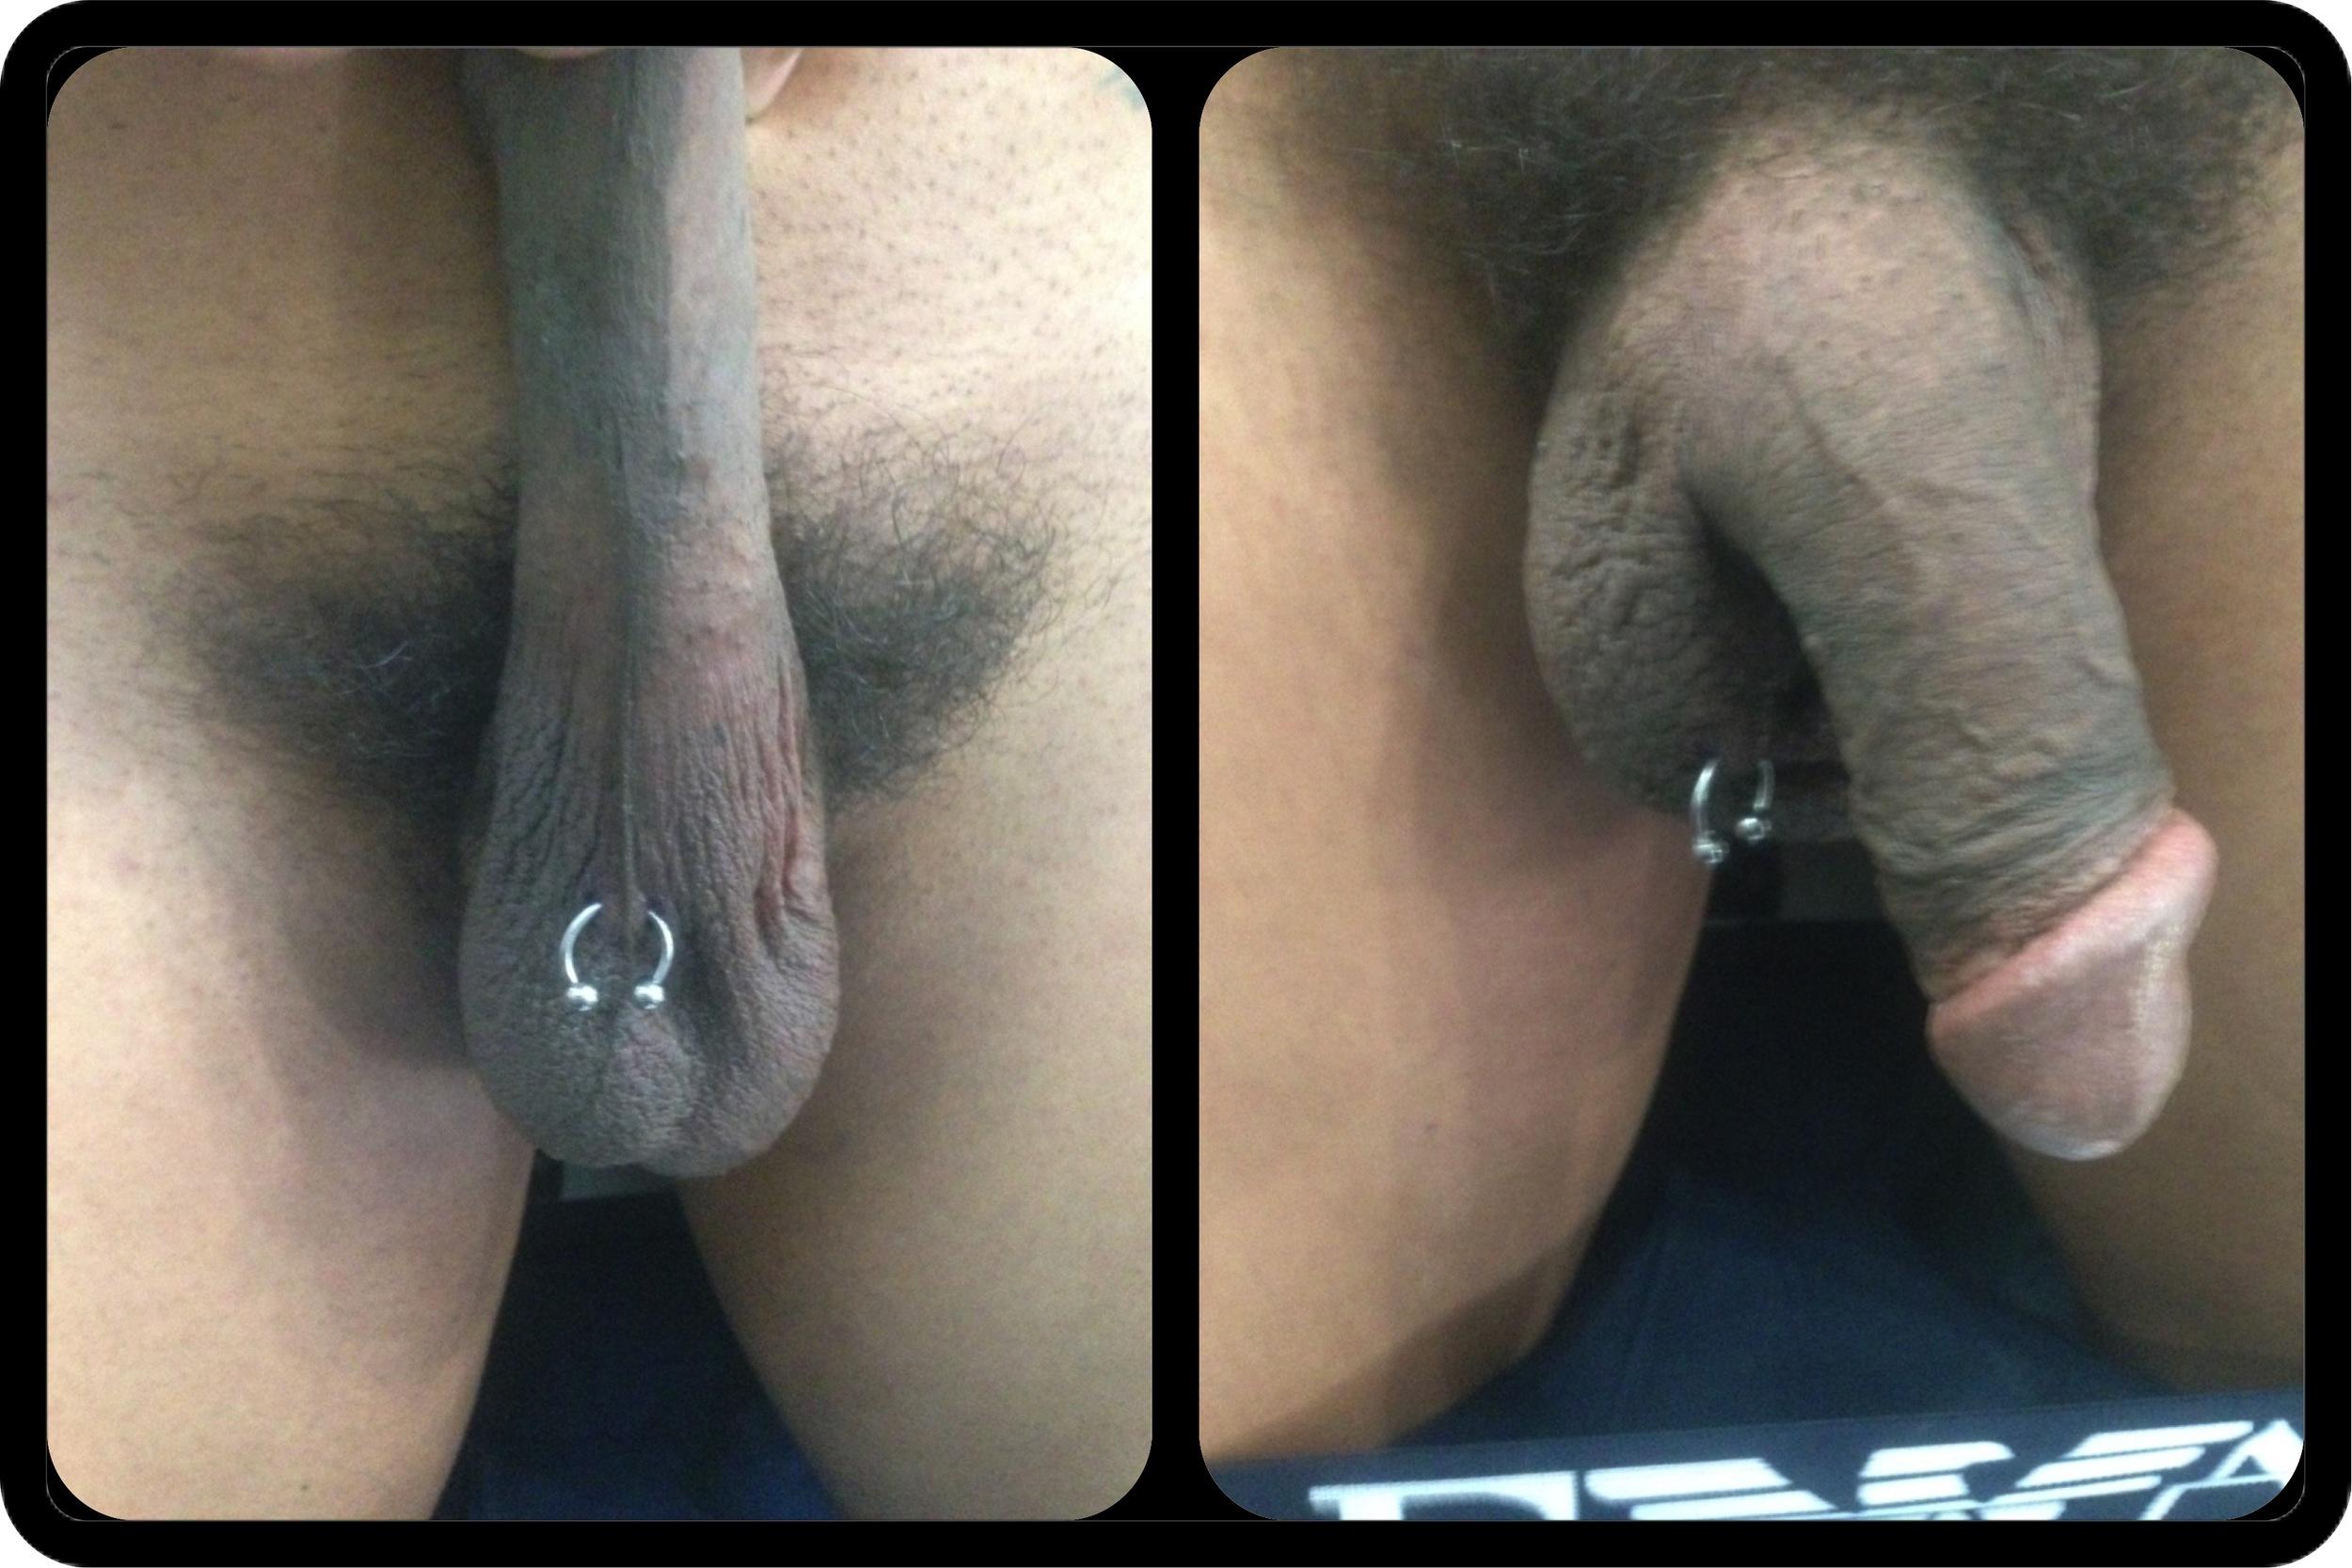 sac piercing.jpg